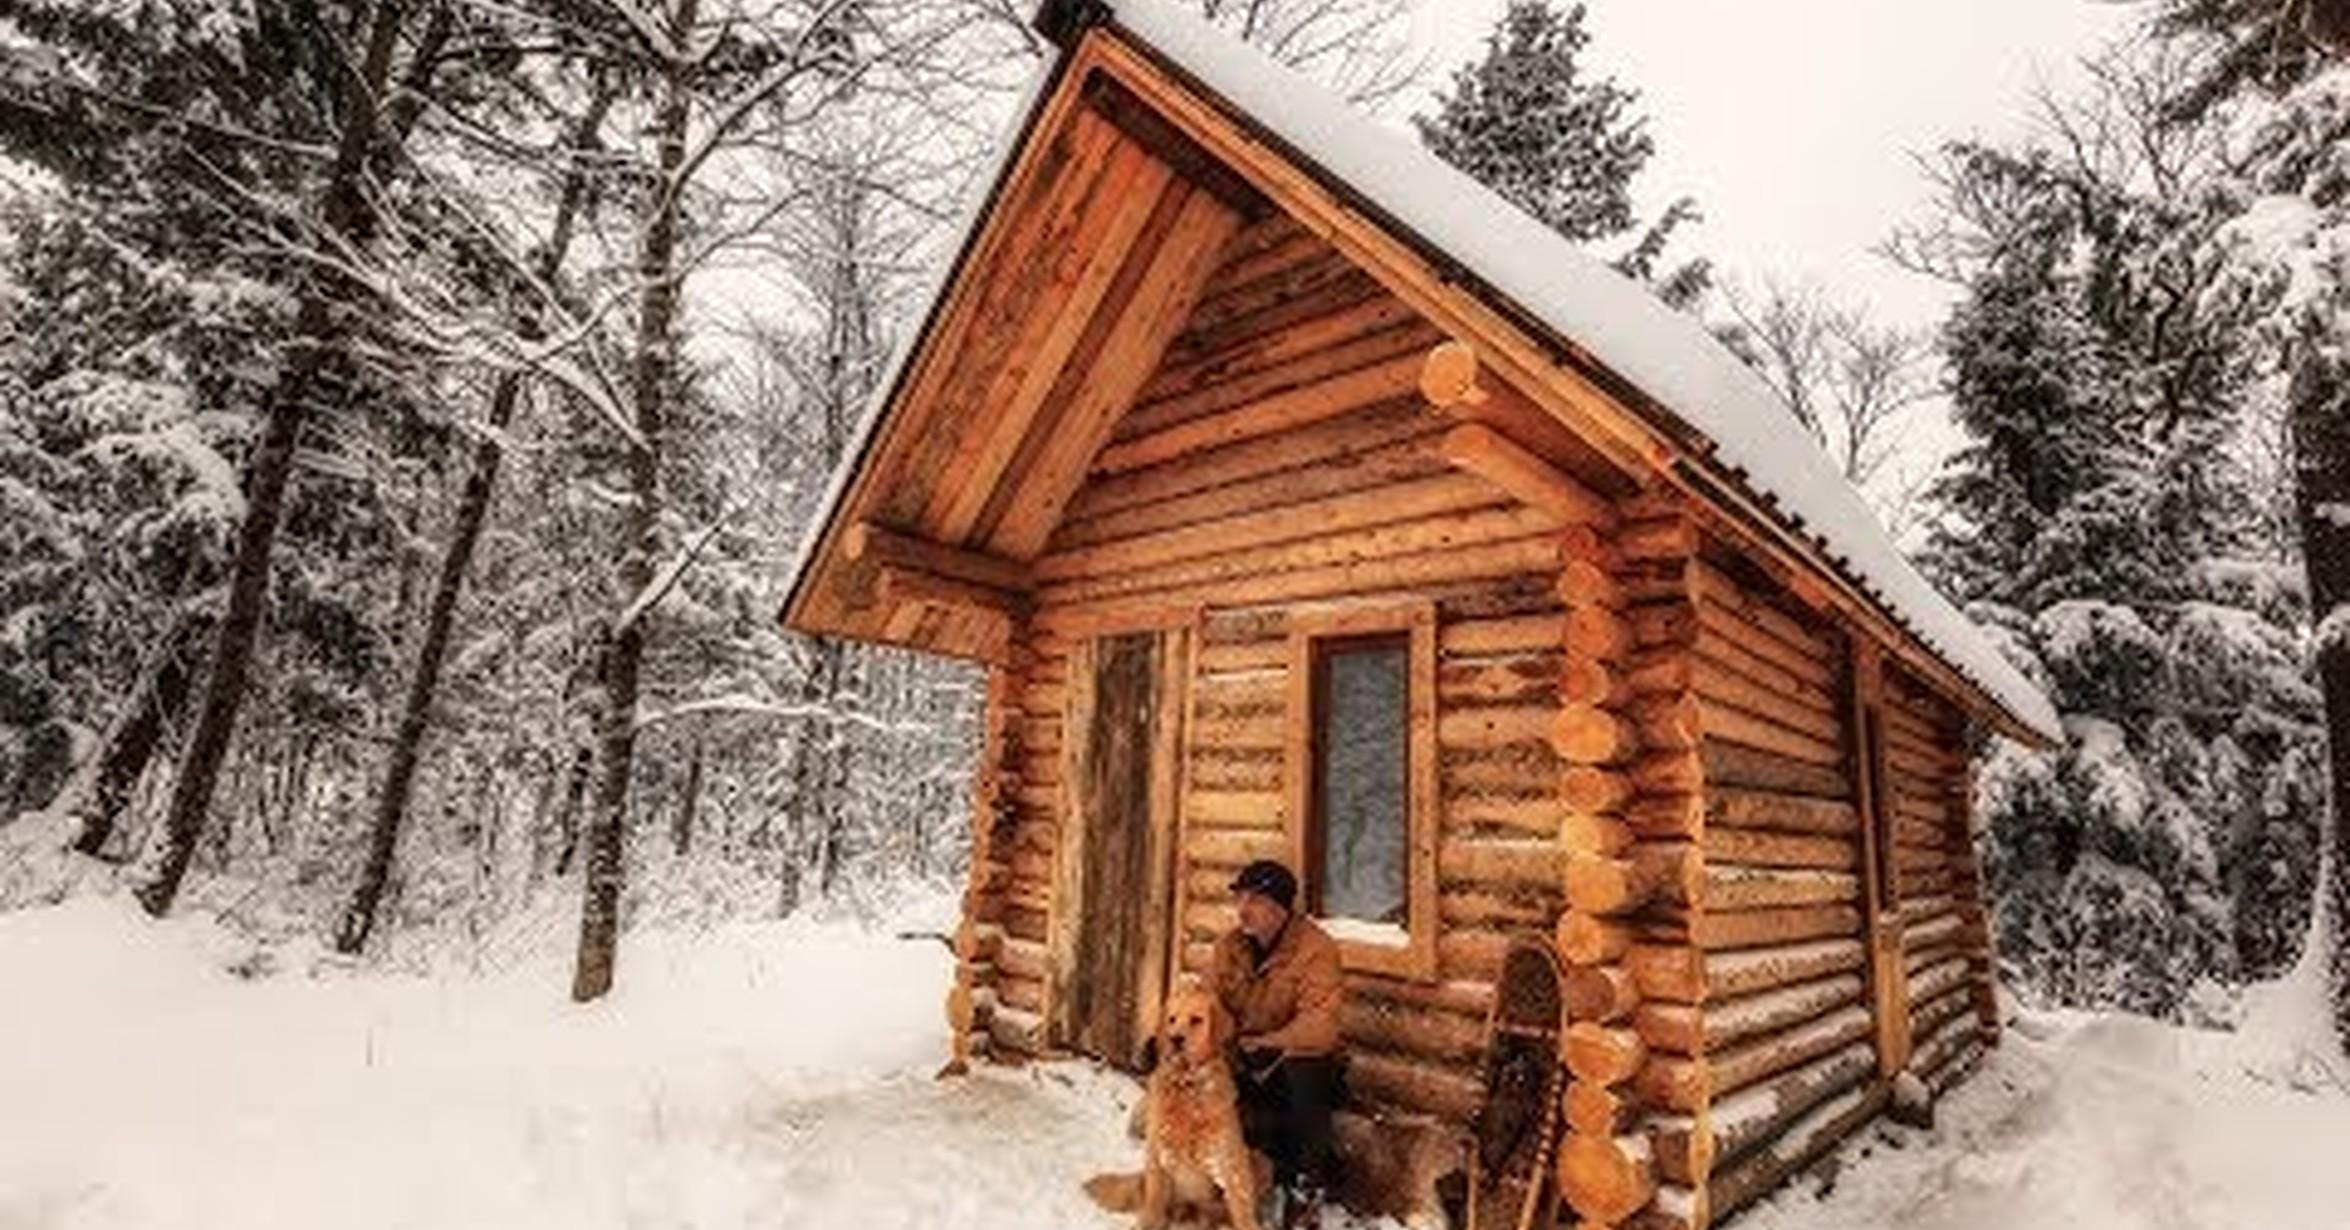 No tengo tele este t o graba como se construye de cero una casa de madera en mitad del bosque - Como se construye una casa ...